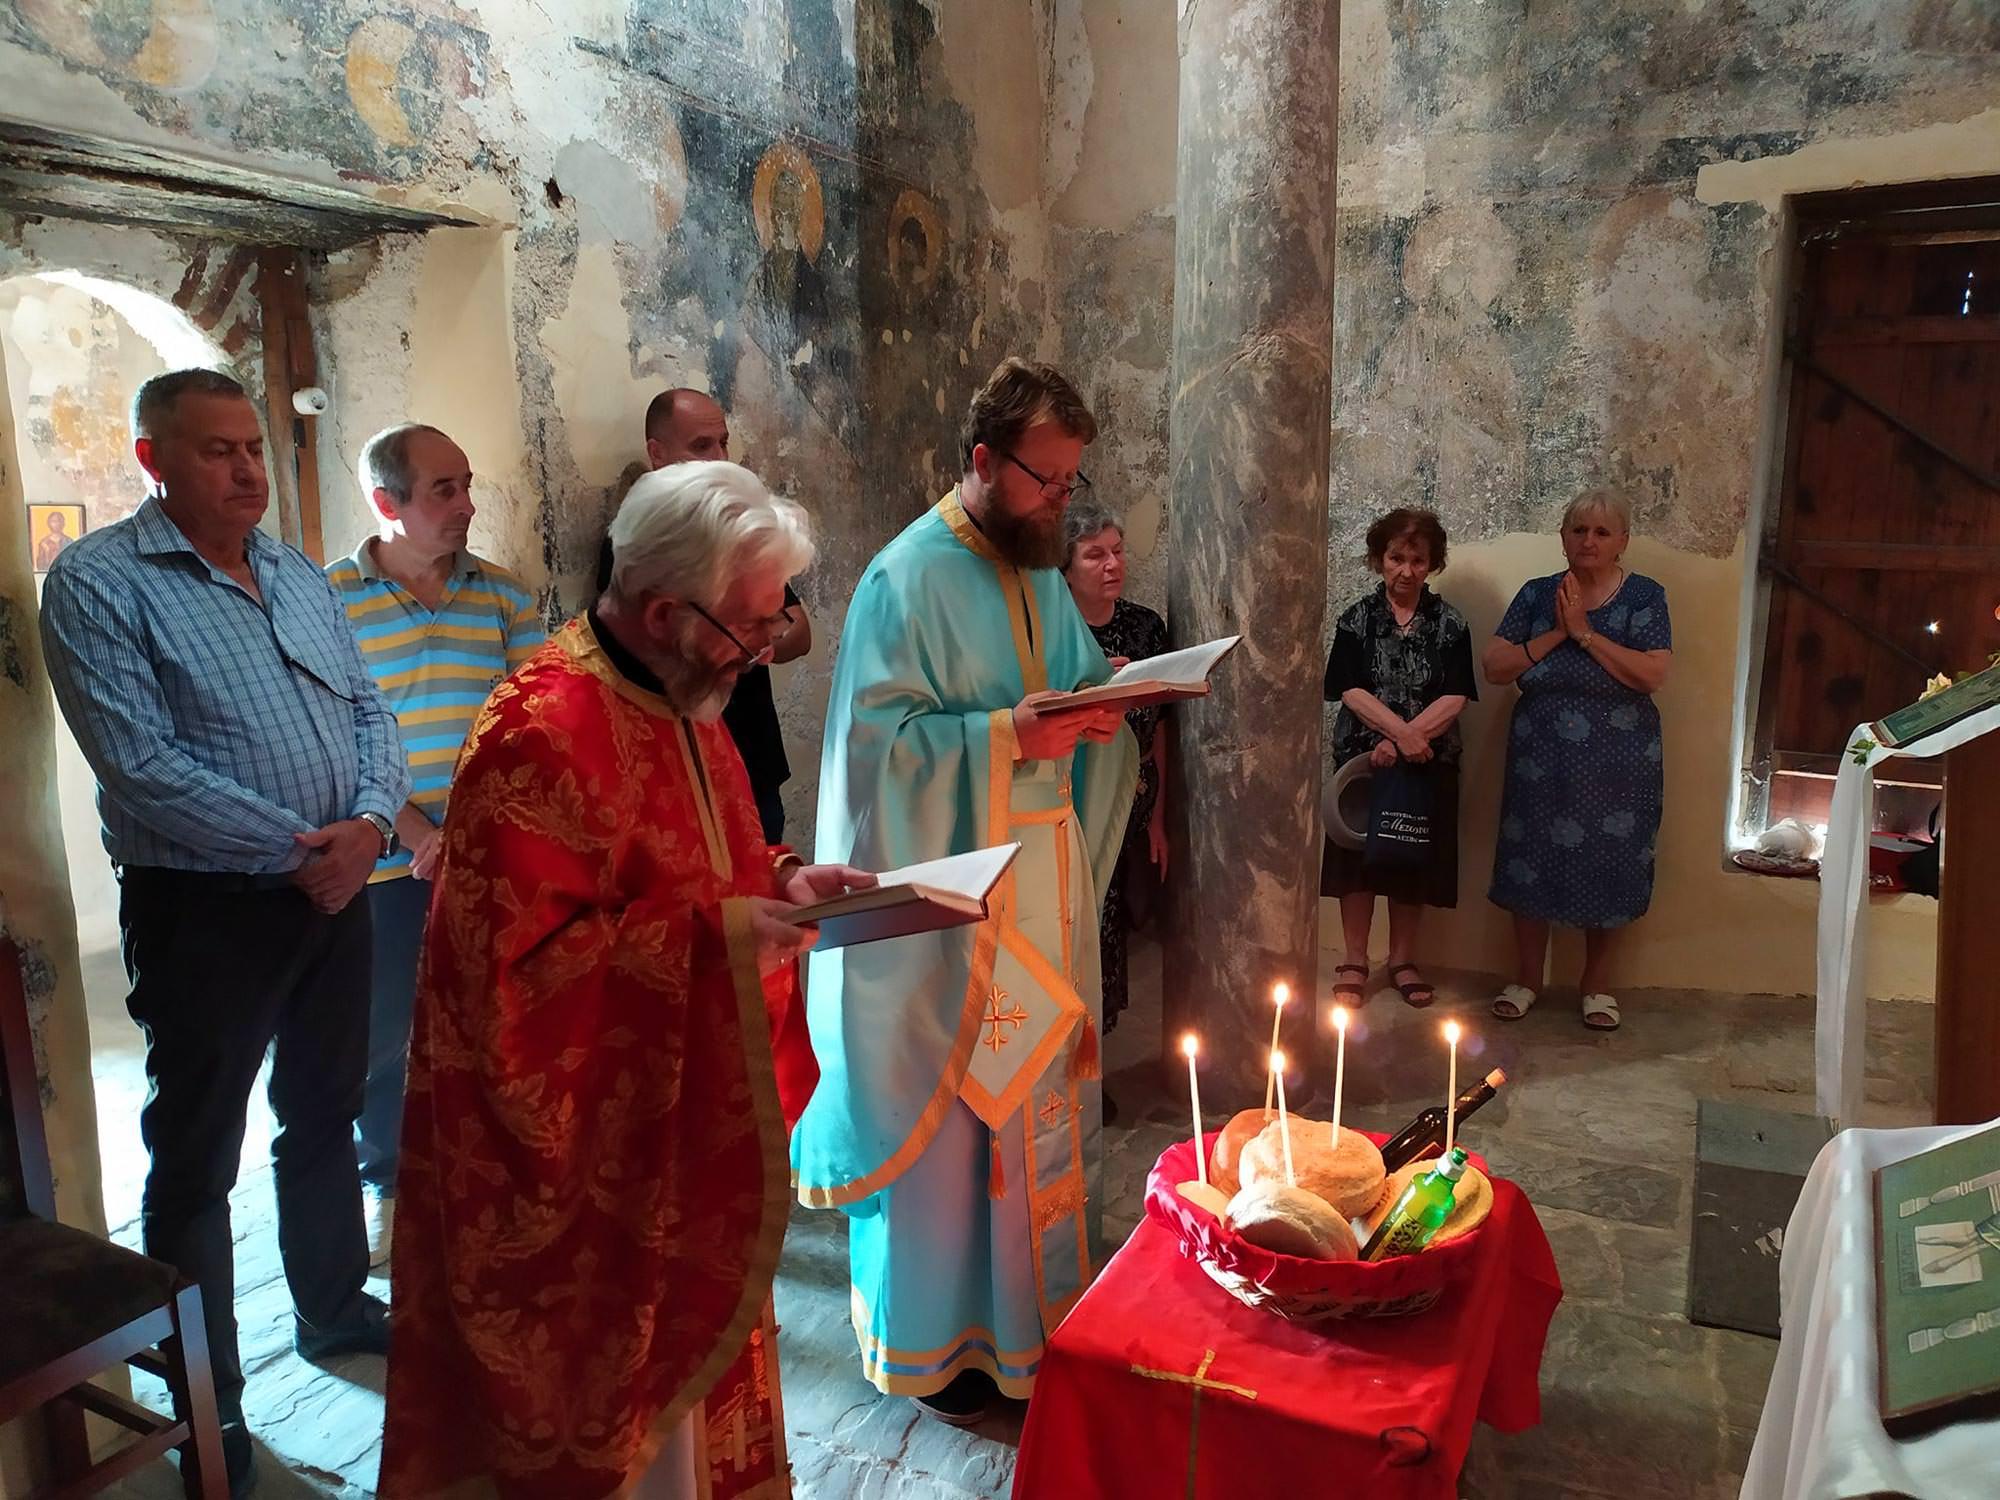 ιστορικός ναός της Αγίας Τριάδος στο Κάστρο Μπερατίου